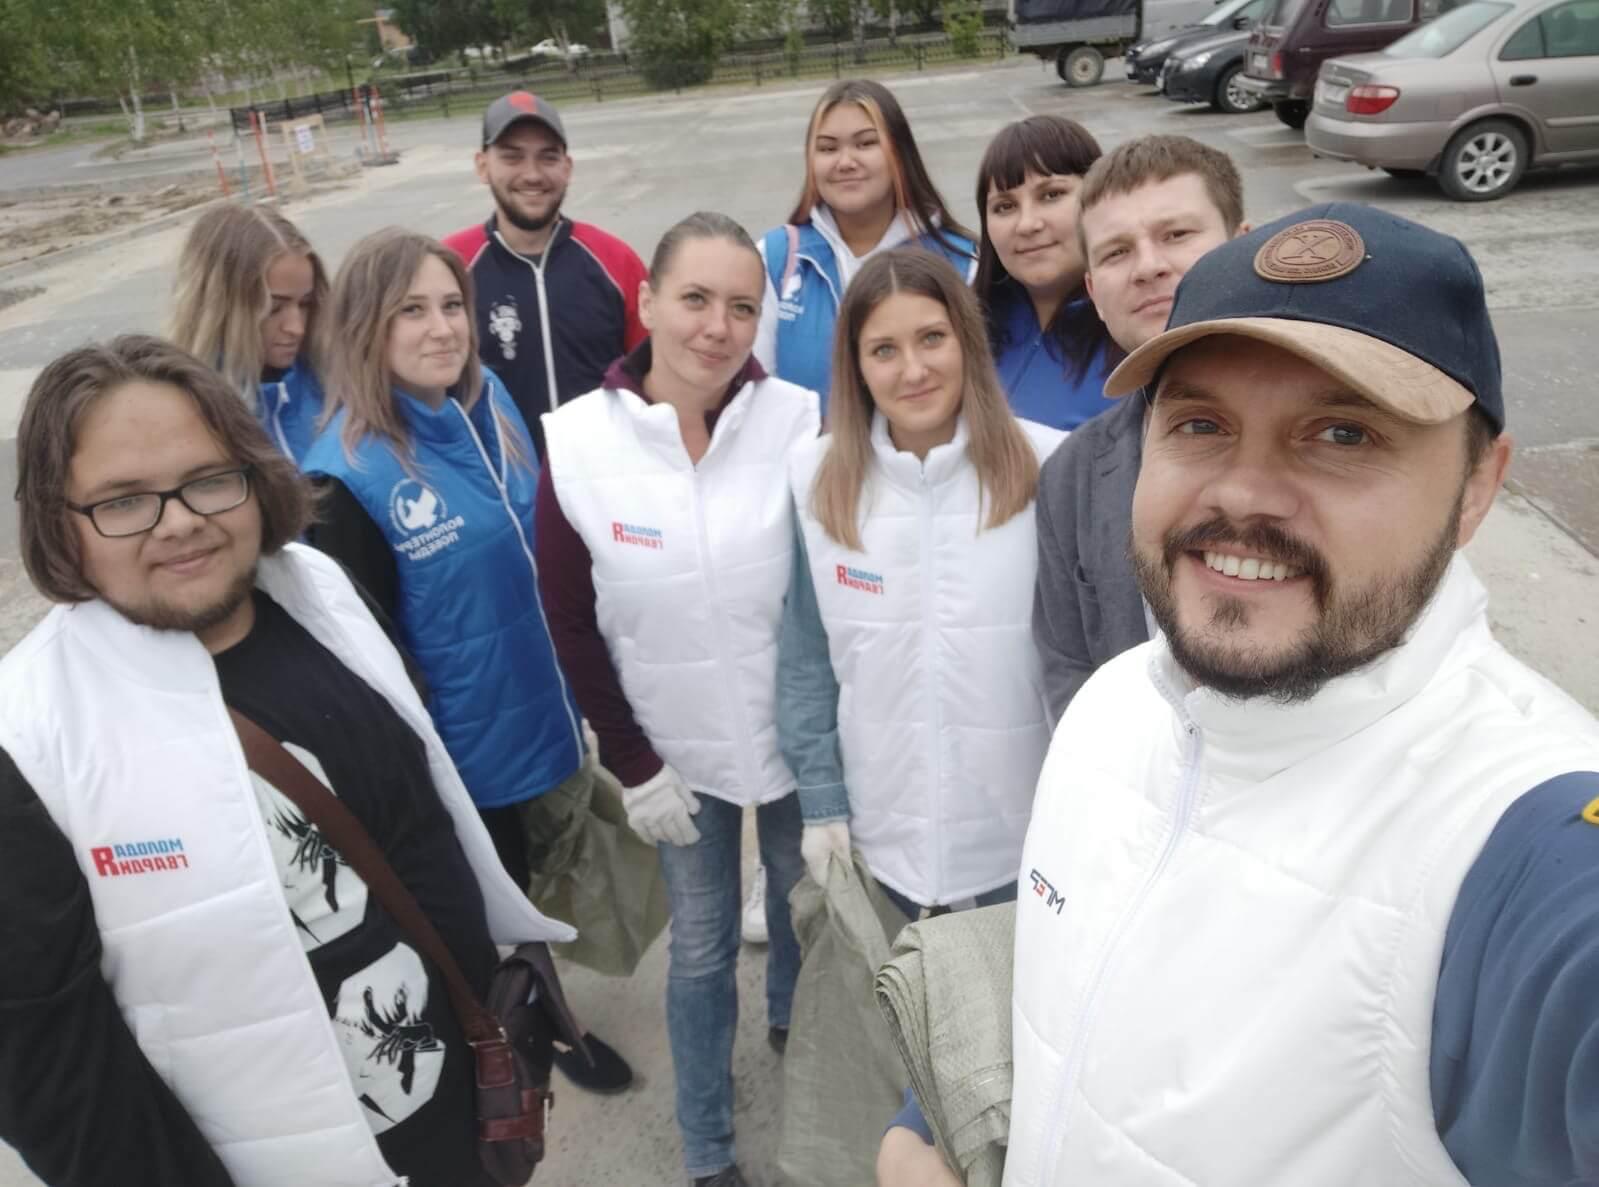 Молодая Гвардия и волонтеры Победы в поддержку молодежных инициатив!